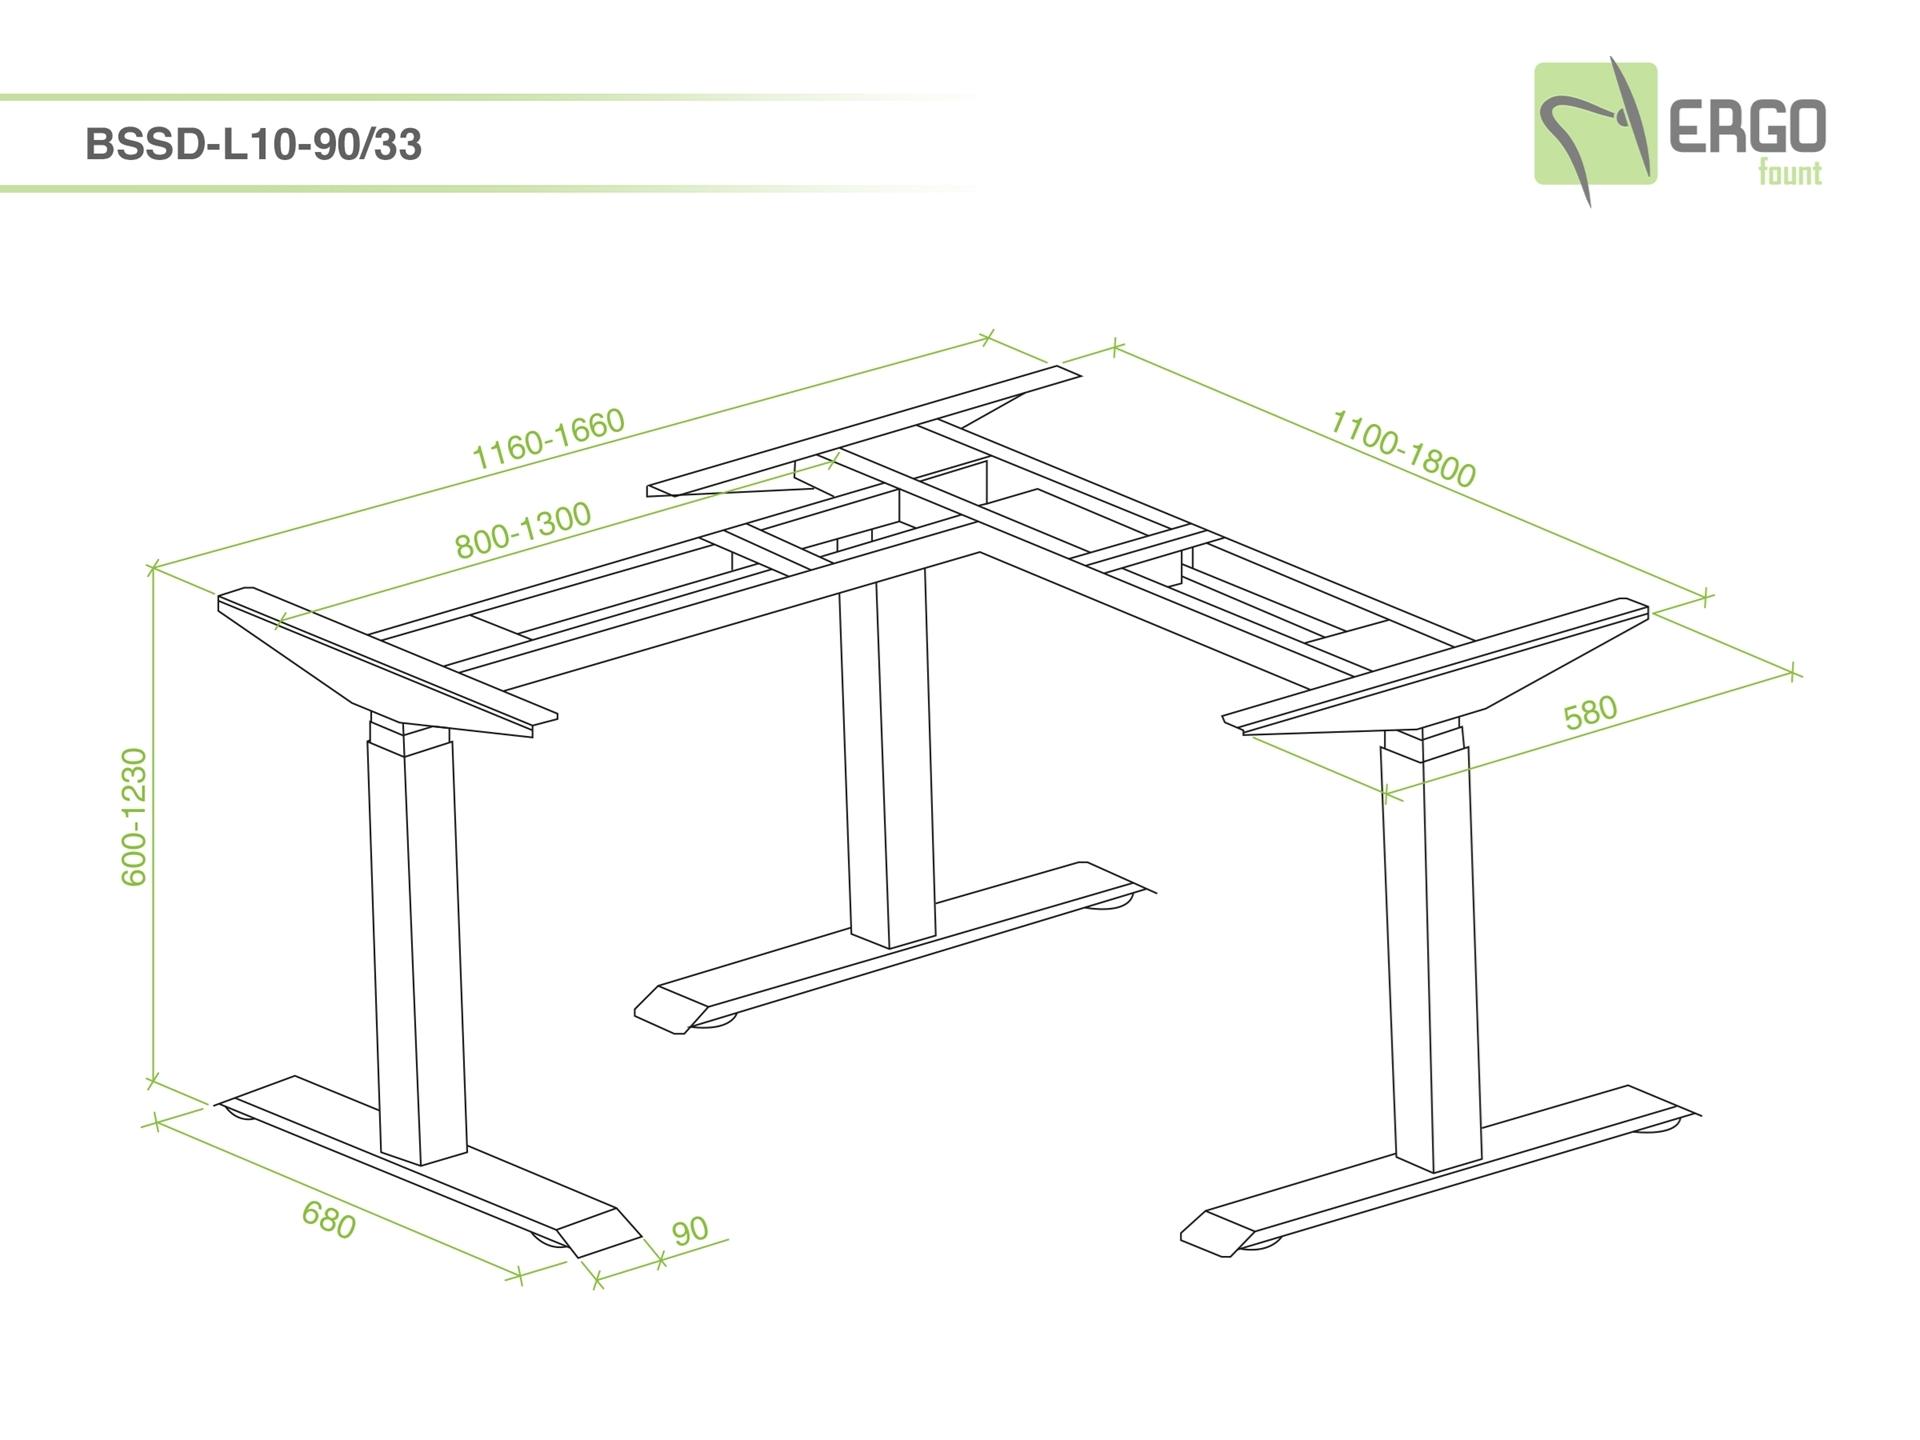 ErgoFount BSSD-L10-90/33 B - Основание стола для работы стоя и сидя, L-образное 90°, с электроприводом на телескопических опорах 600–1230 мм, макс. нагрузка 150 кг, черное